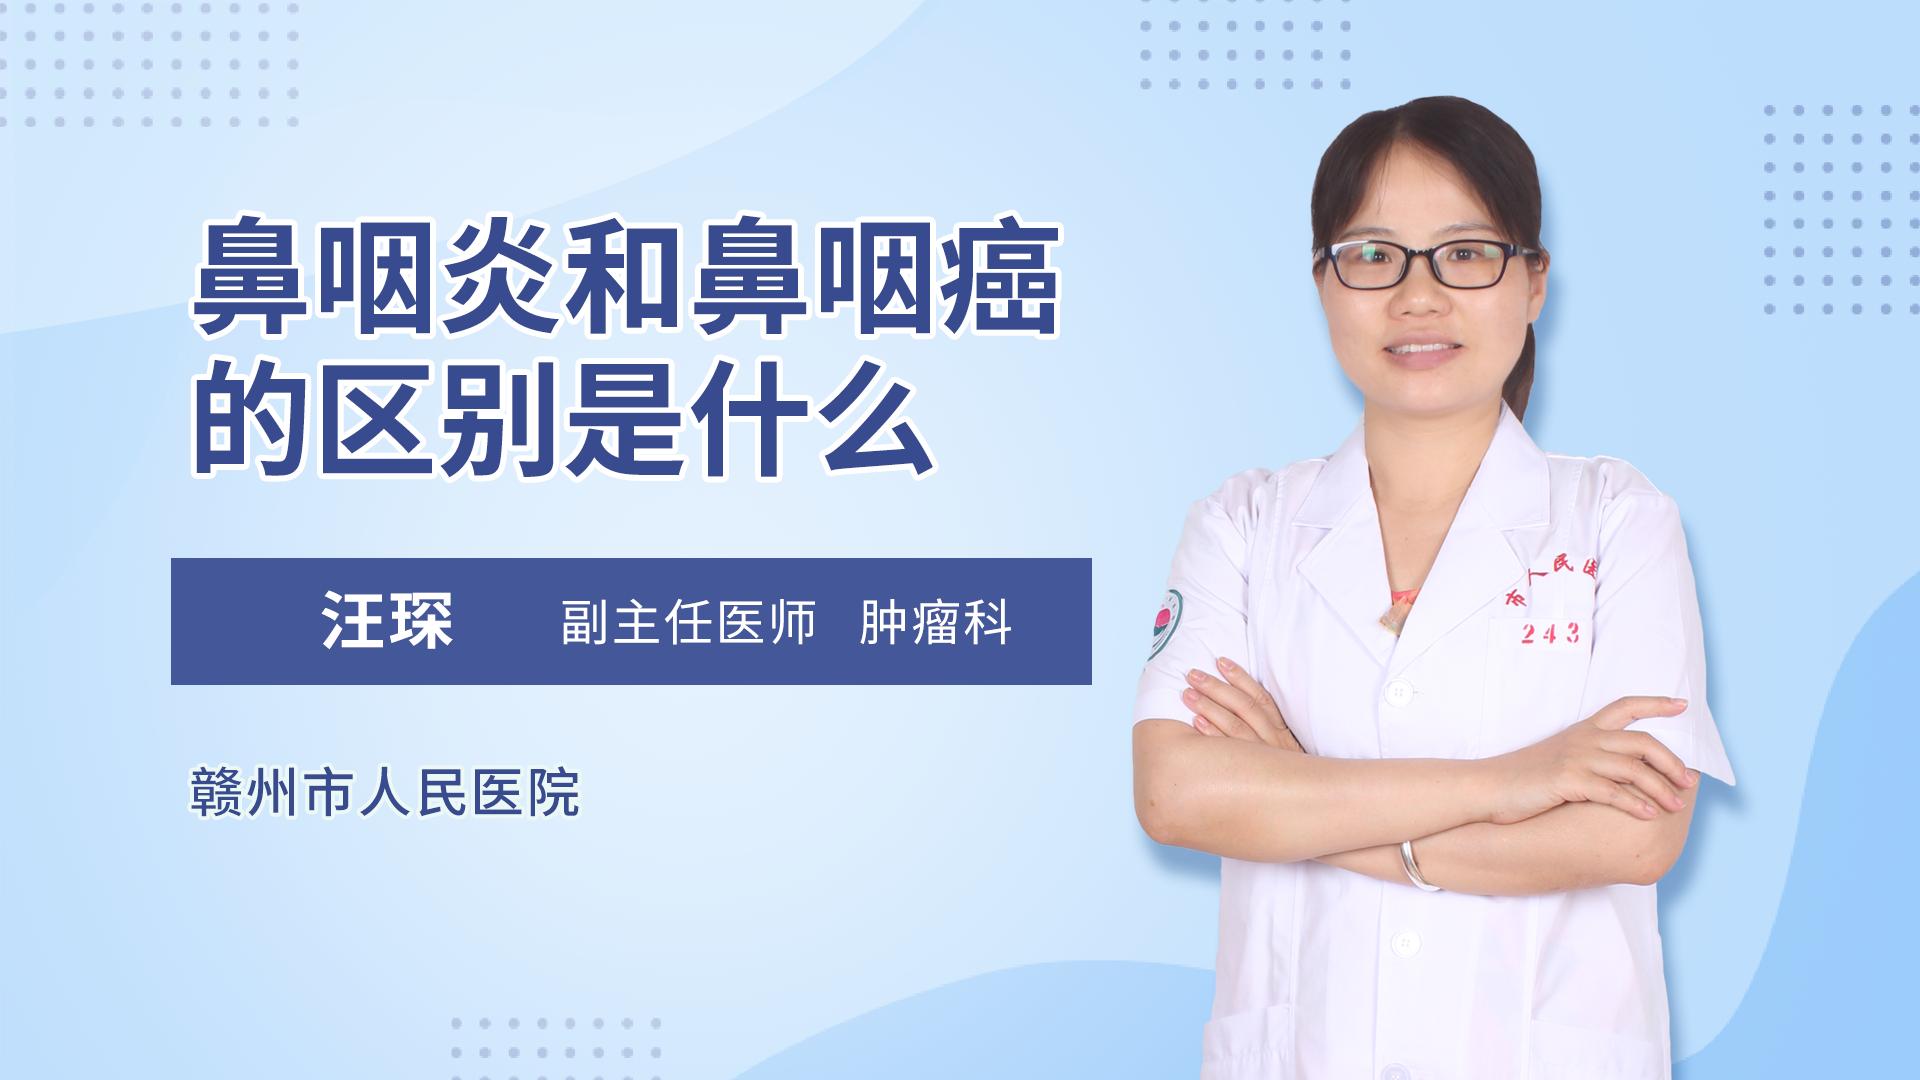 鼻咽炎和鼻咽癌的区别是什么